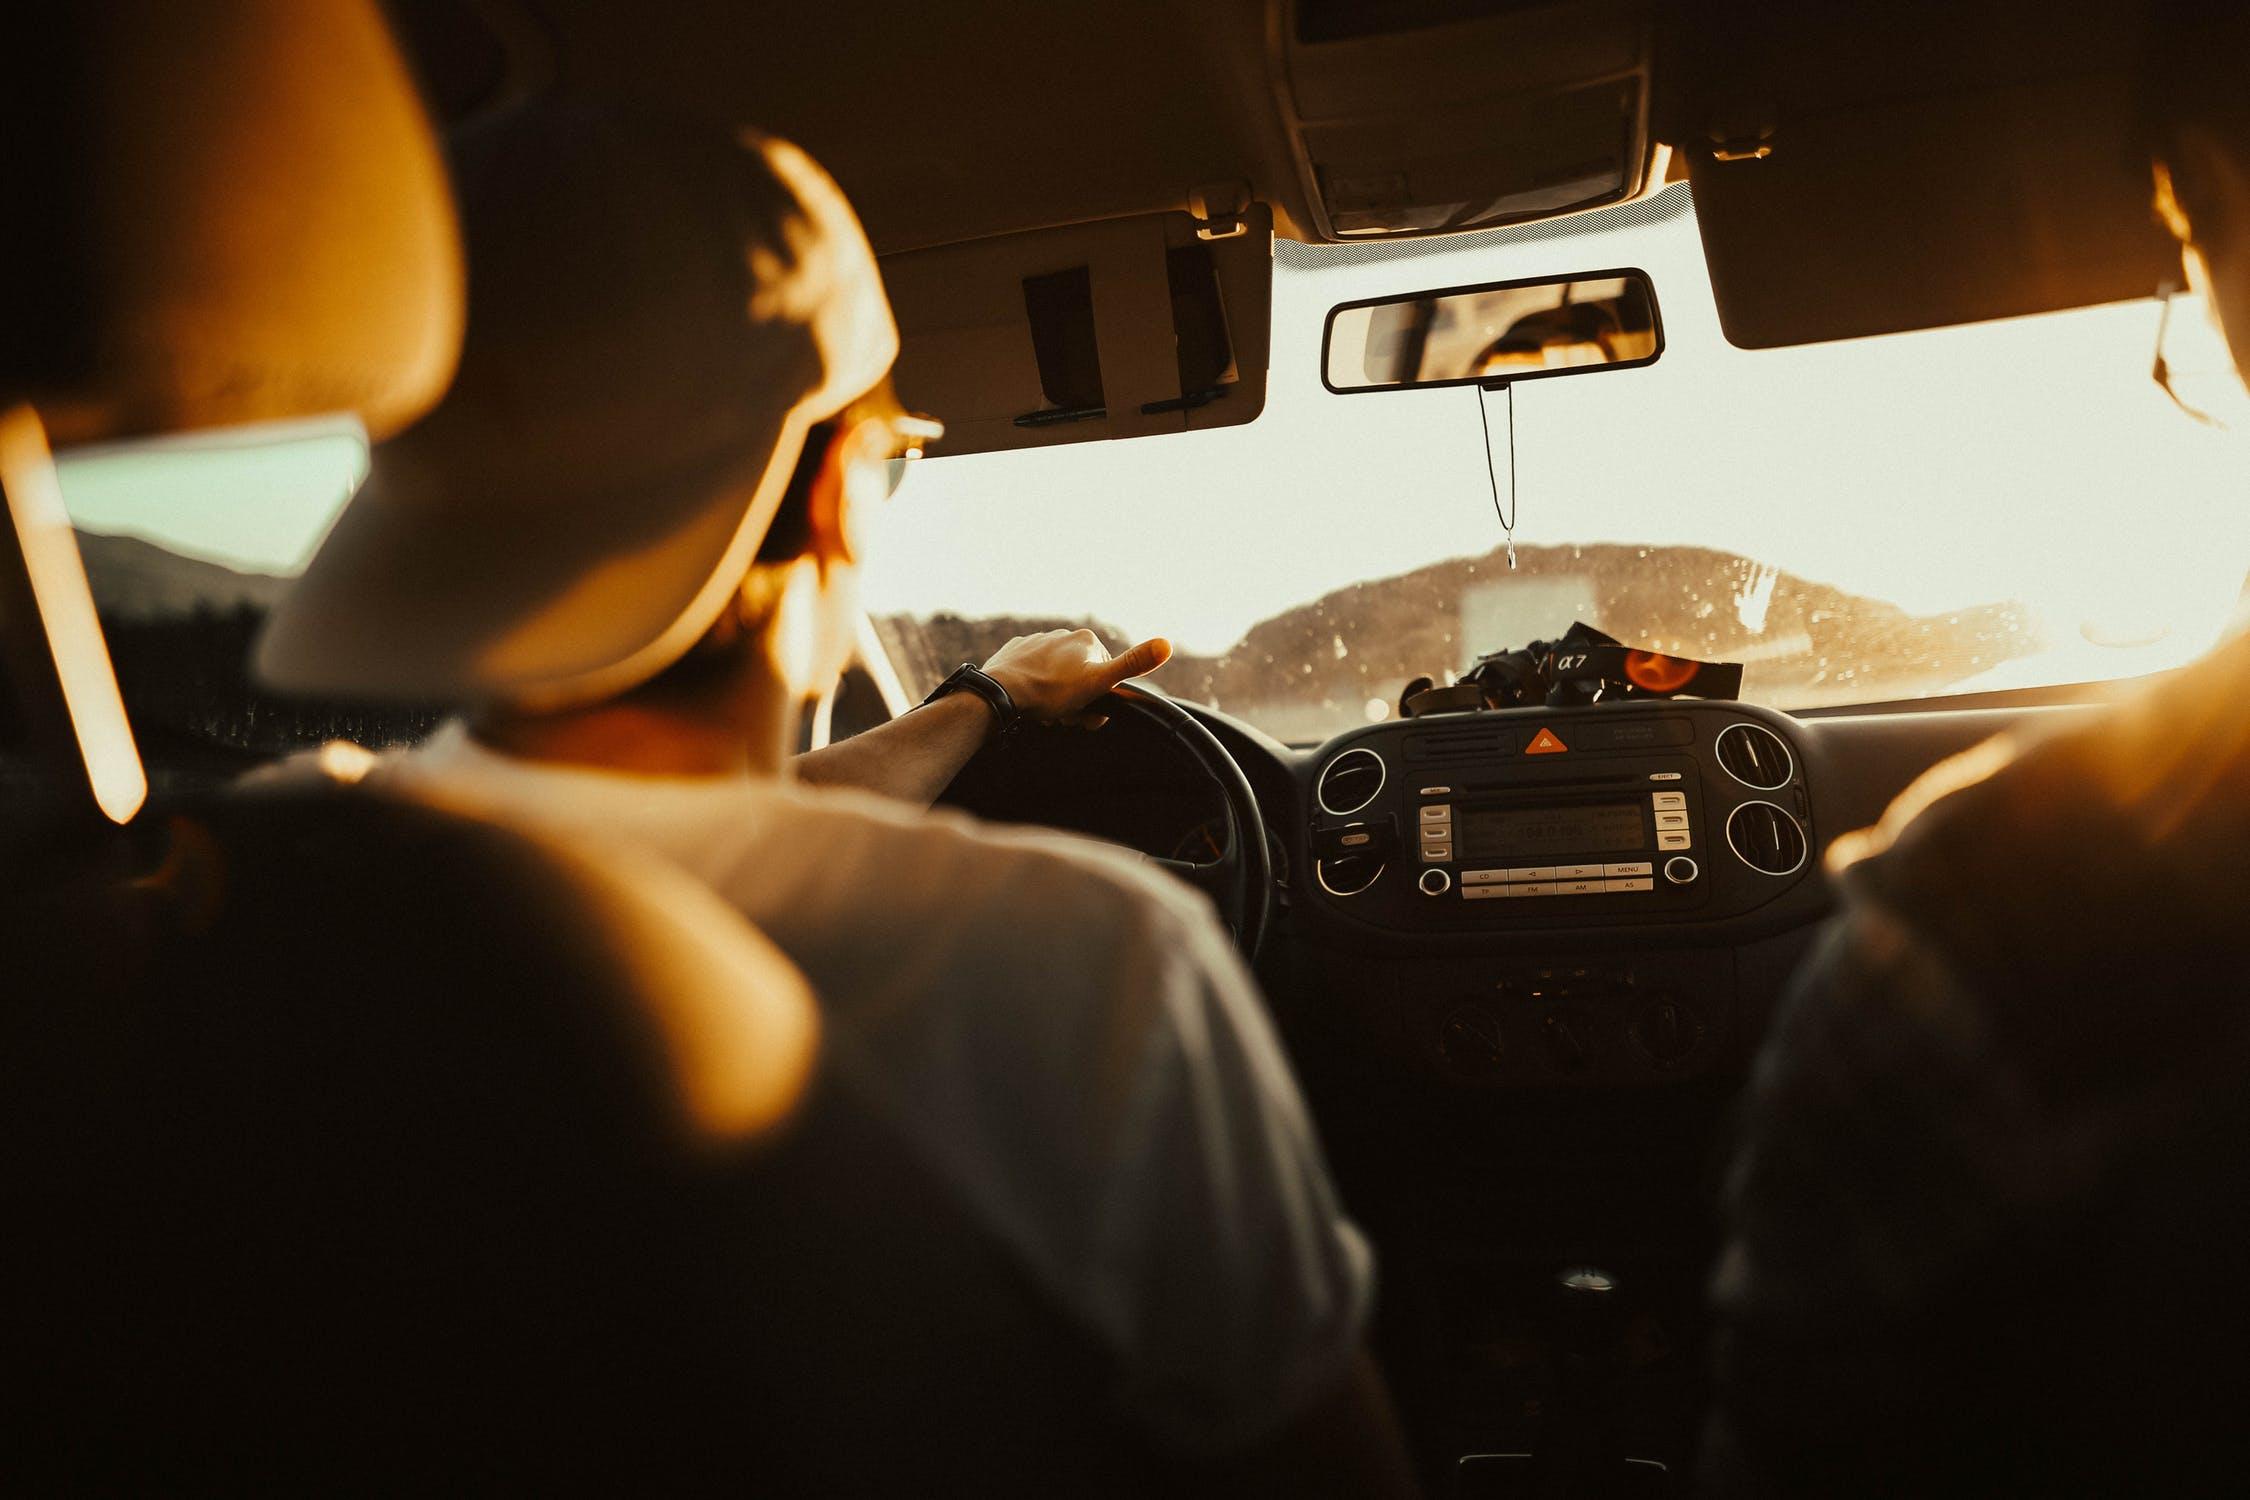 Grâce à cet article vous saurez comment et pourquoi immatriculer votre voiture en Italie.